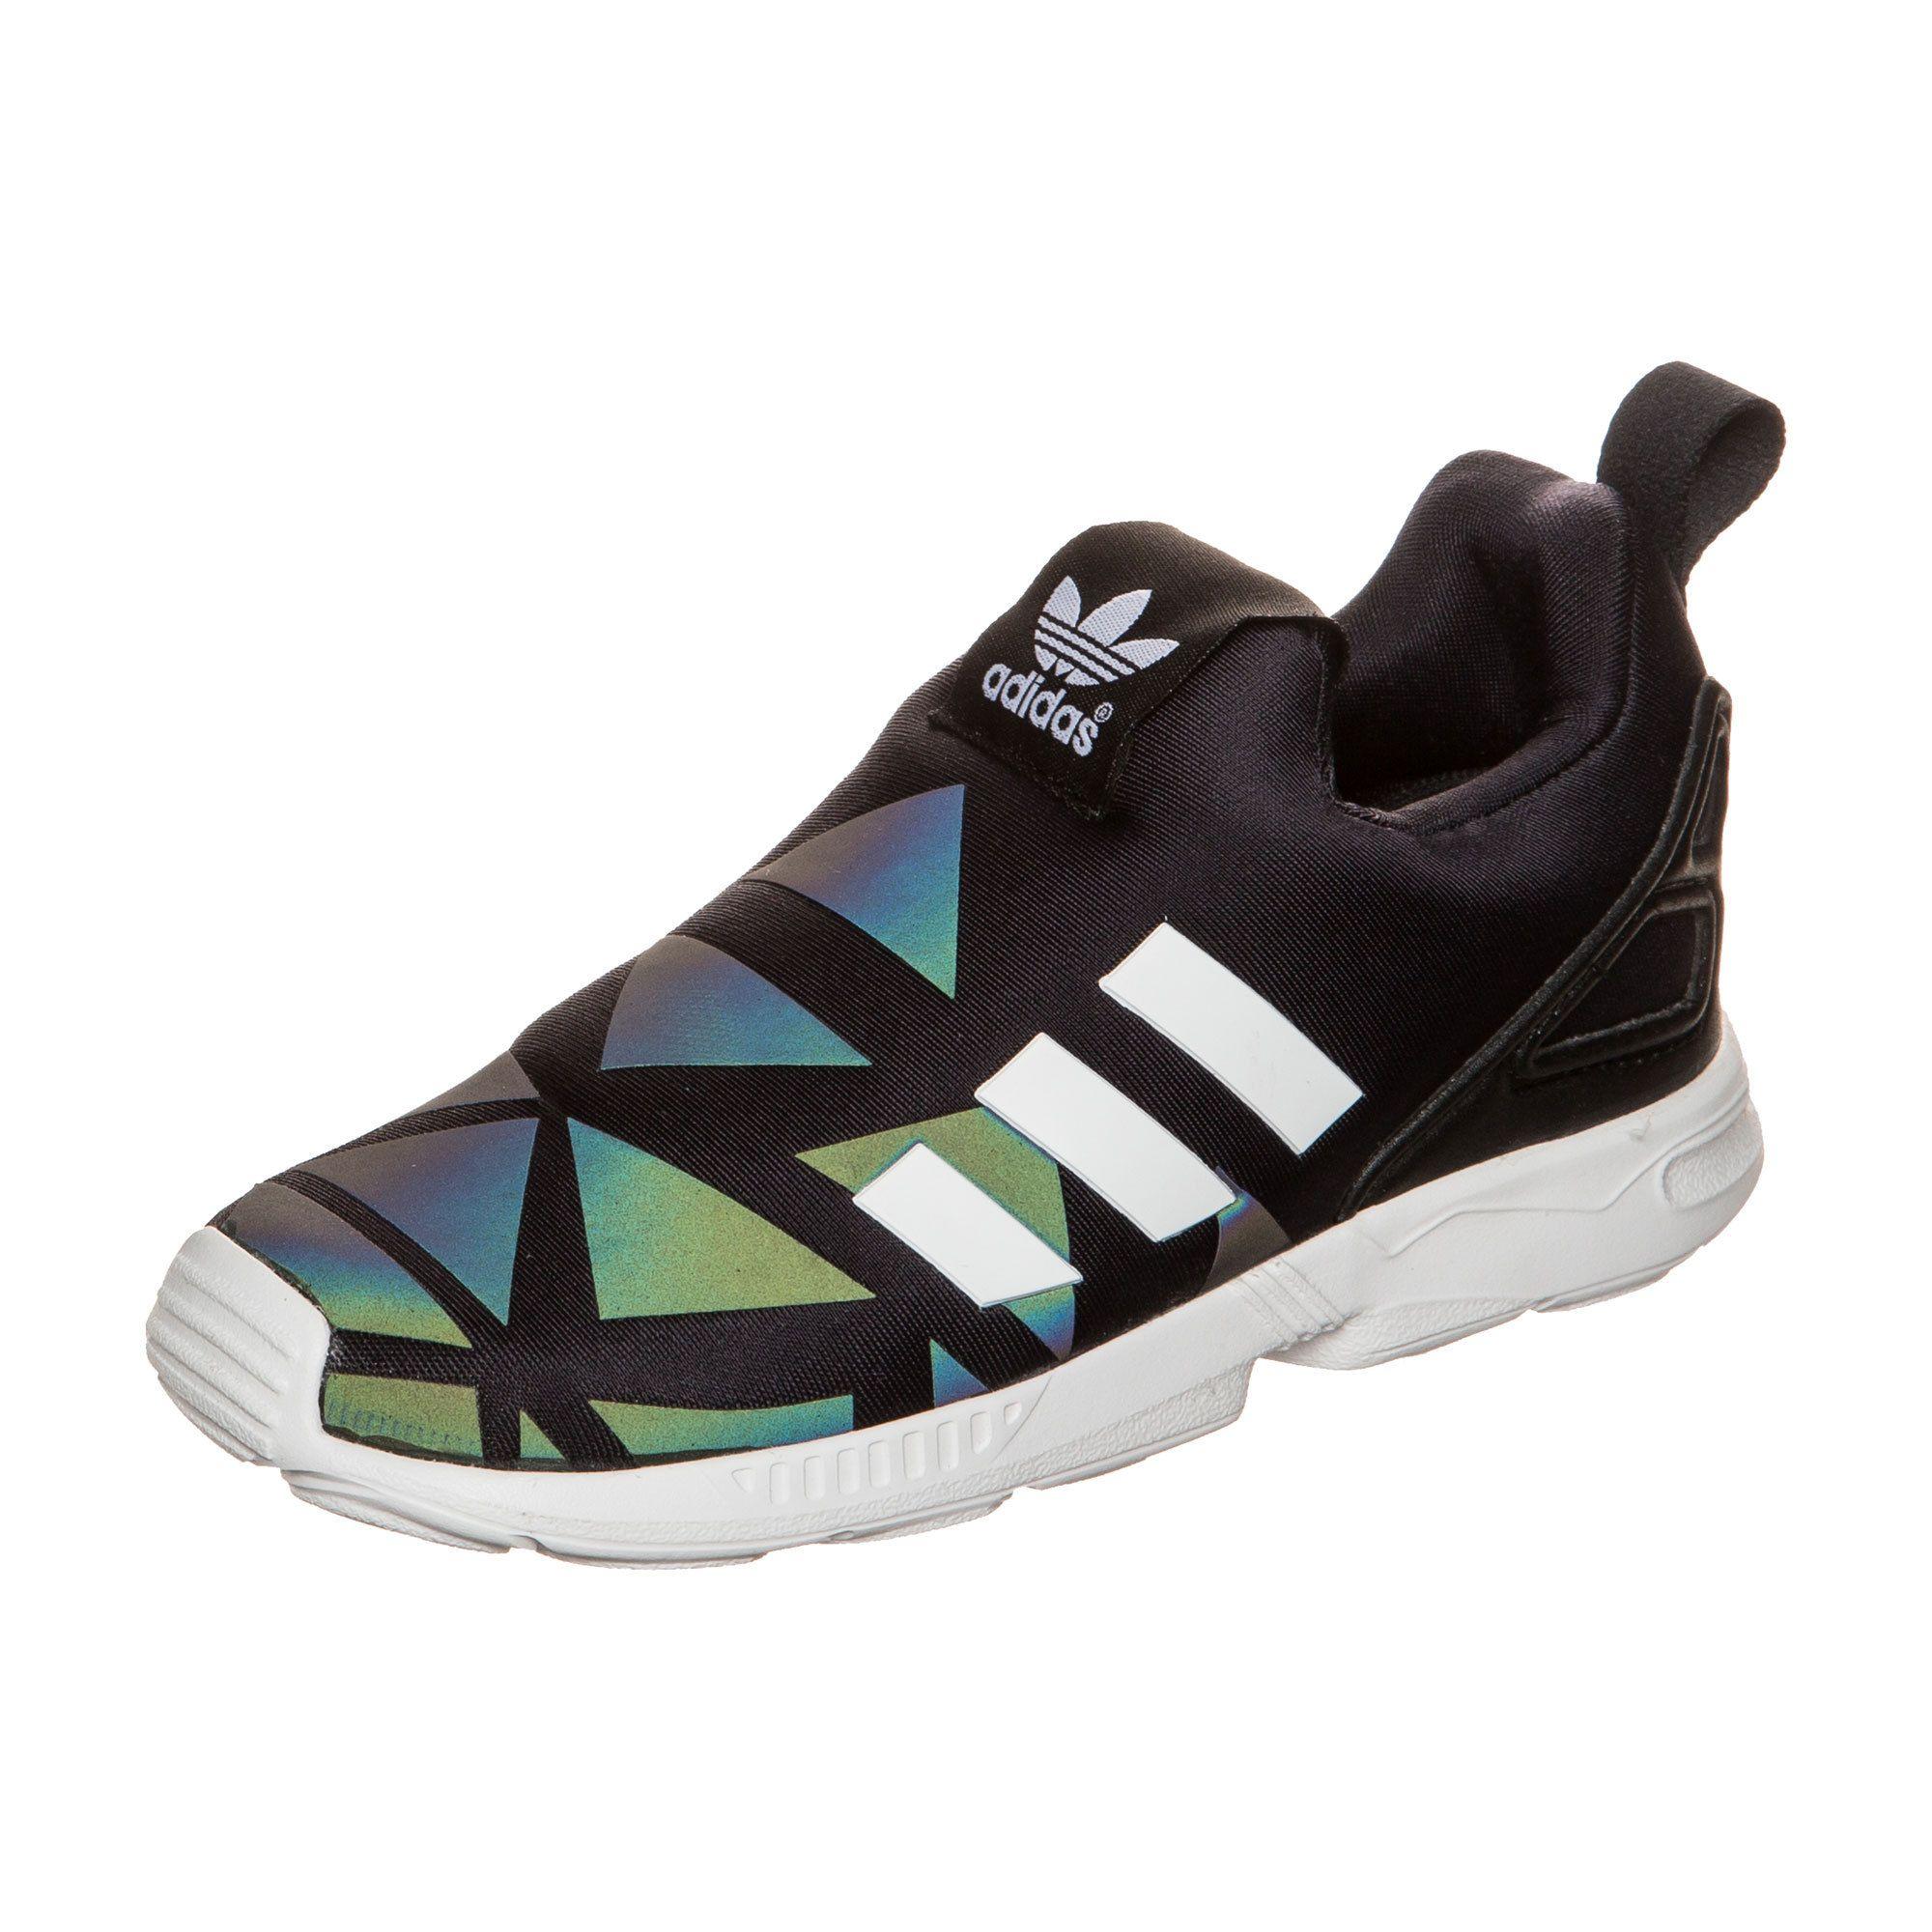 ADIDAS ORIGINALS adidas Originals ZX Flux 360 Xenopeltis Sneaker Kleinkinder